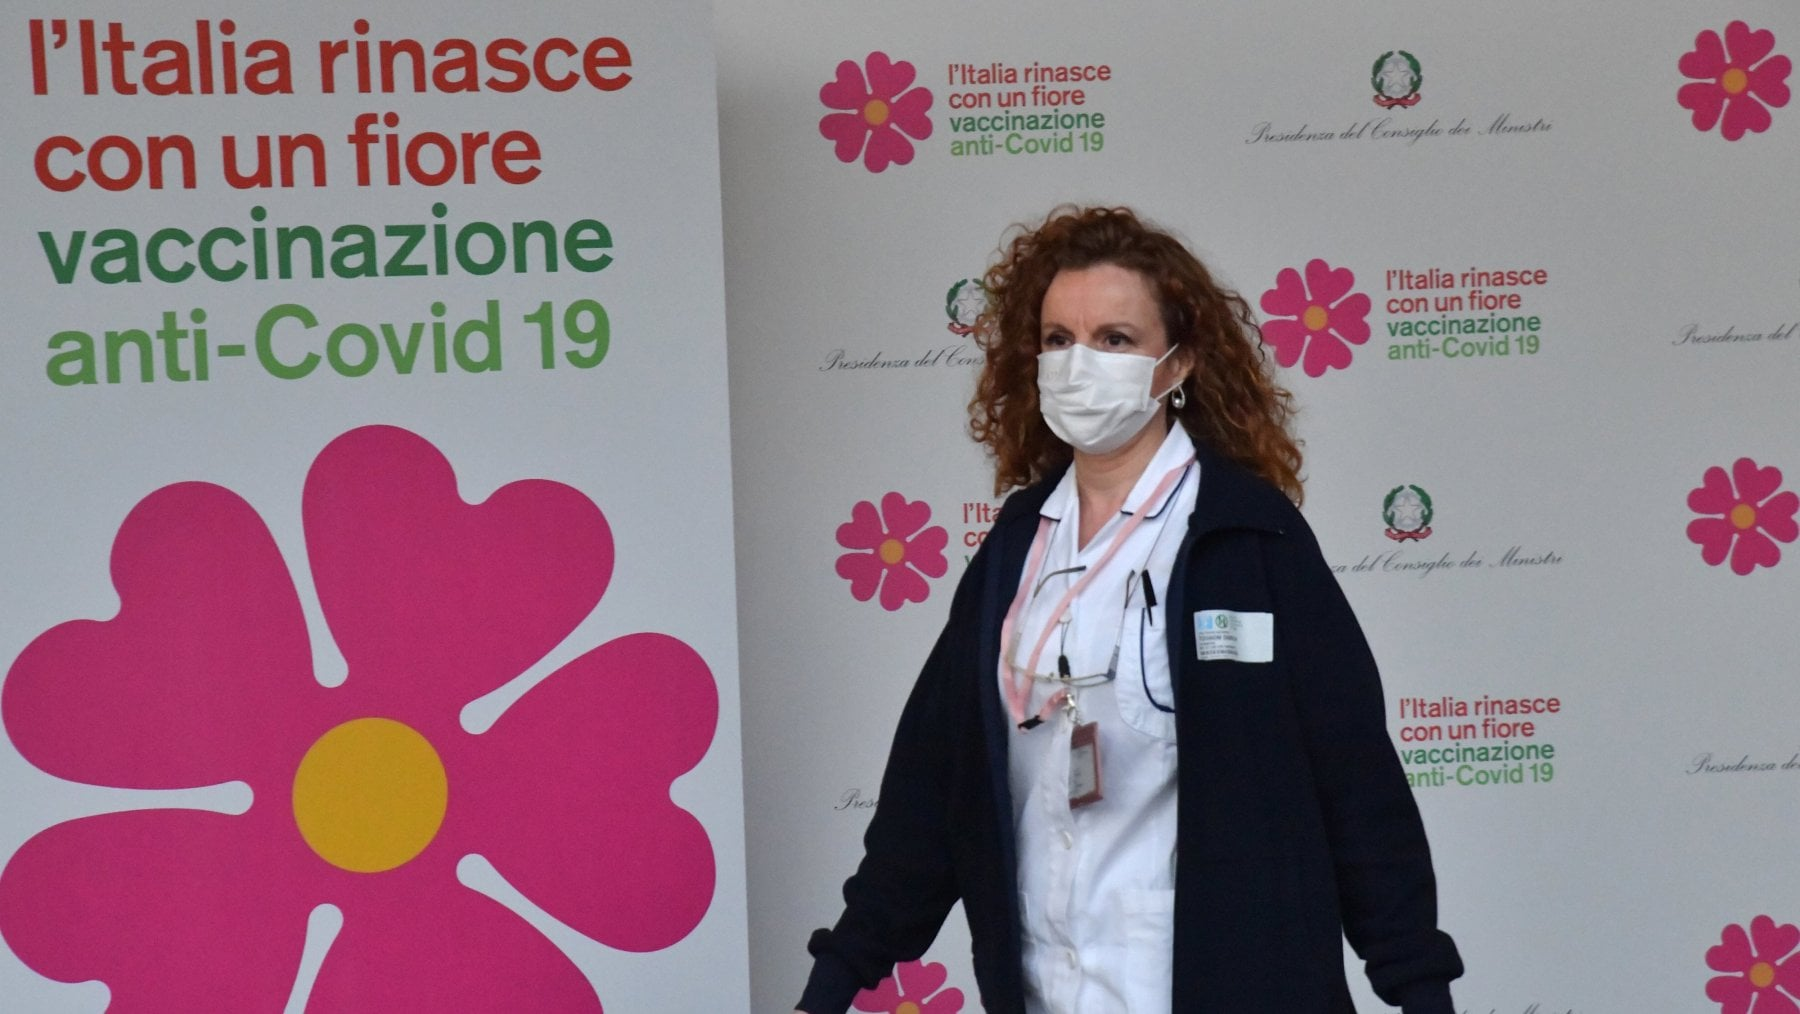 215913660 a49525ba 7e28 490f af77 8b65a53f8fc0 - Coronavirus, quasi 90mila operatori sanitari contagiati. Da inizio pandemia morti 273 medici